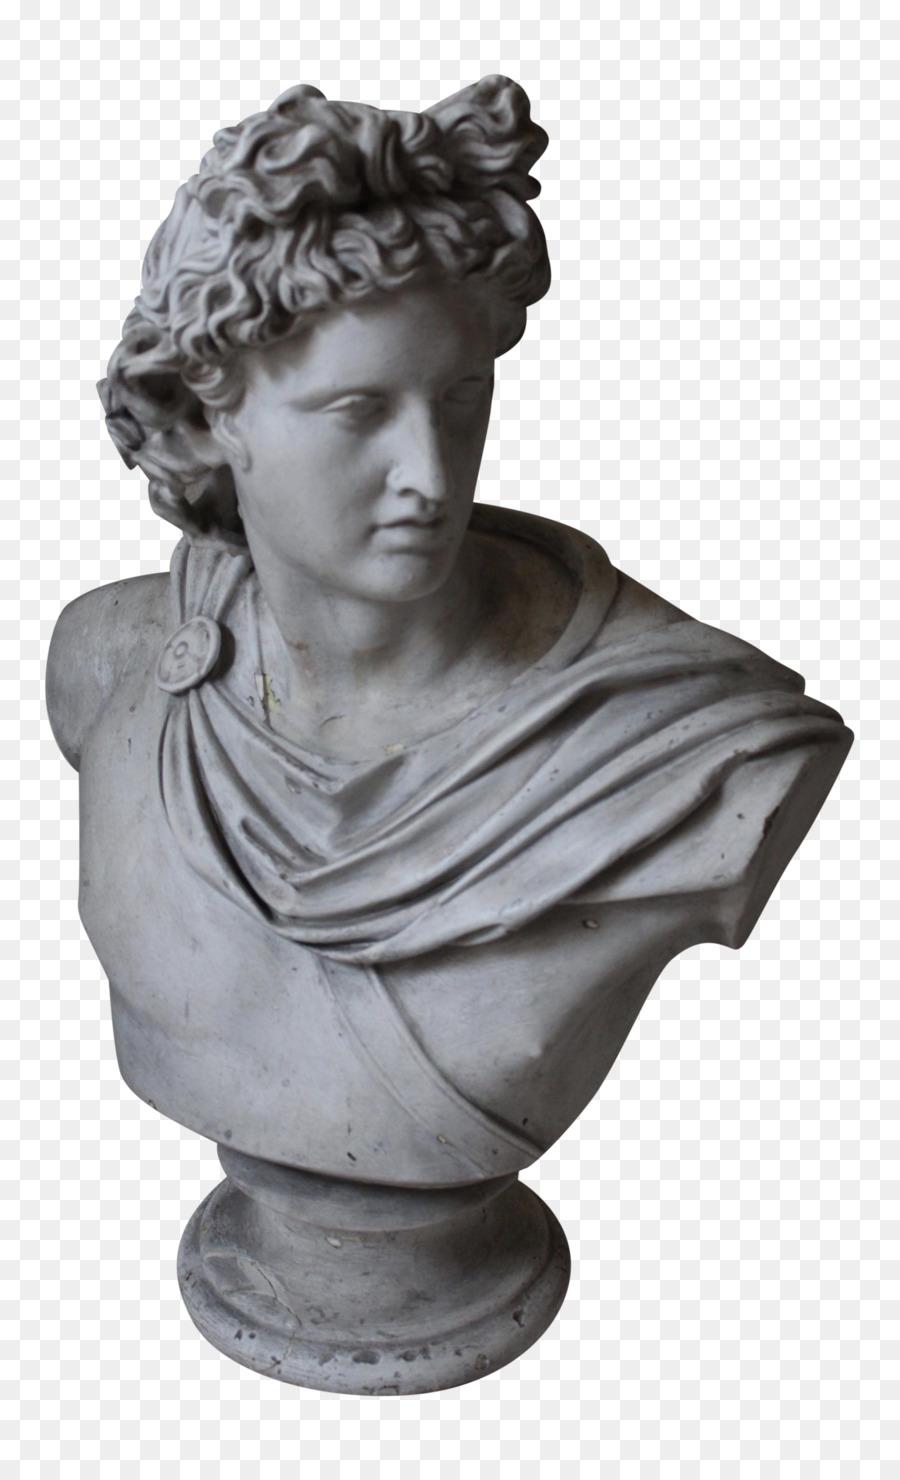 apollo statue png clipart Apollo Belvedere Bust